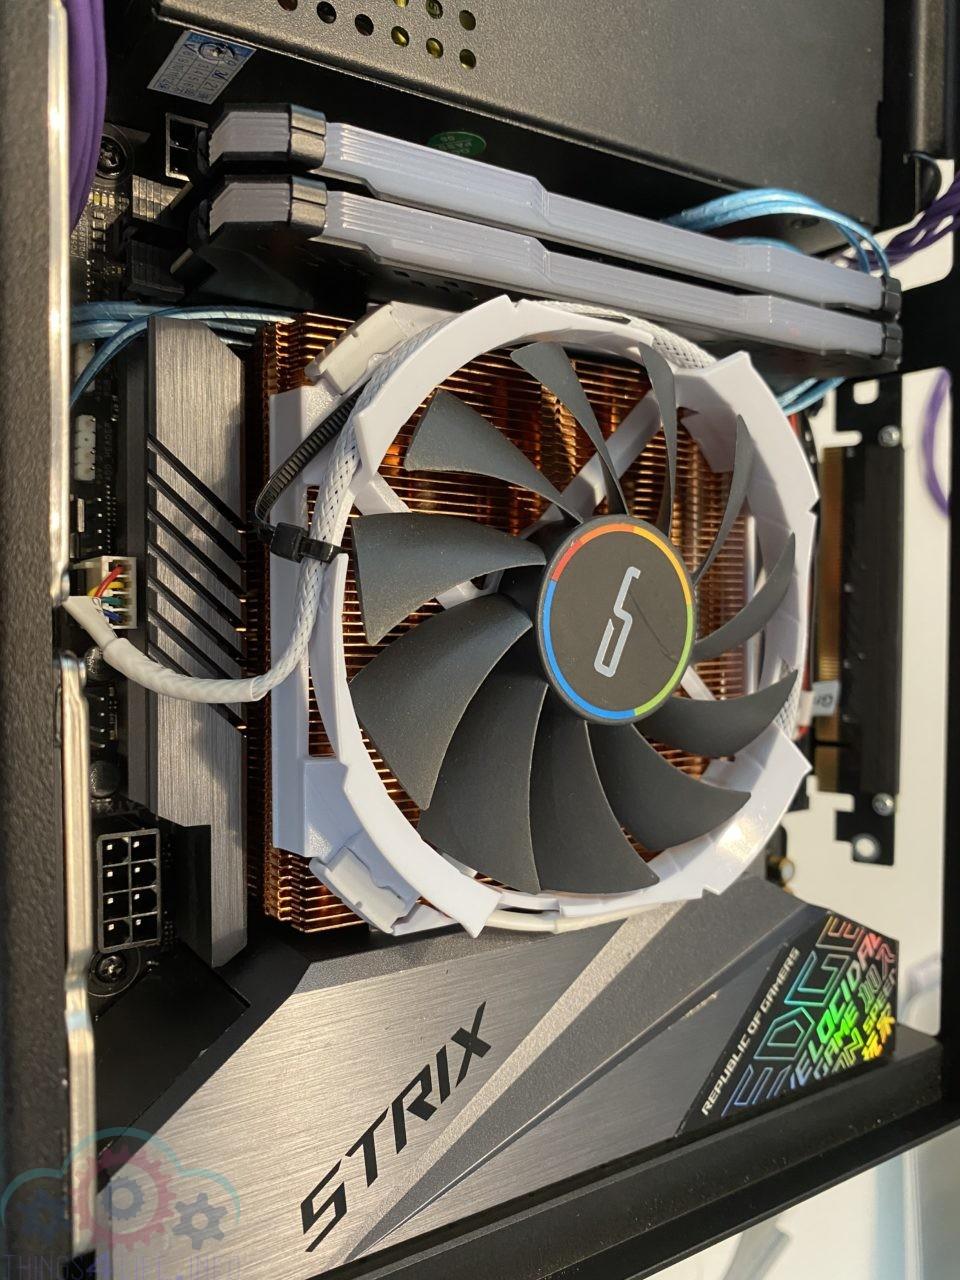 Cryorig C7cu + Strix z390i - side view